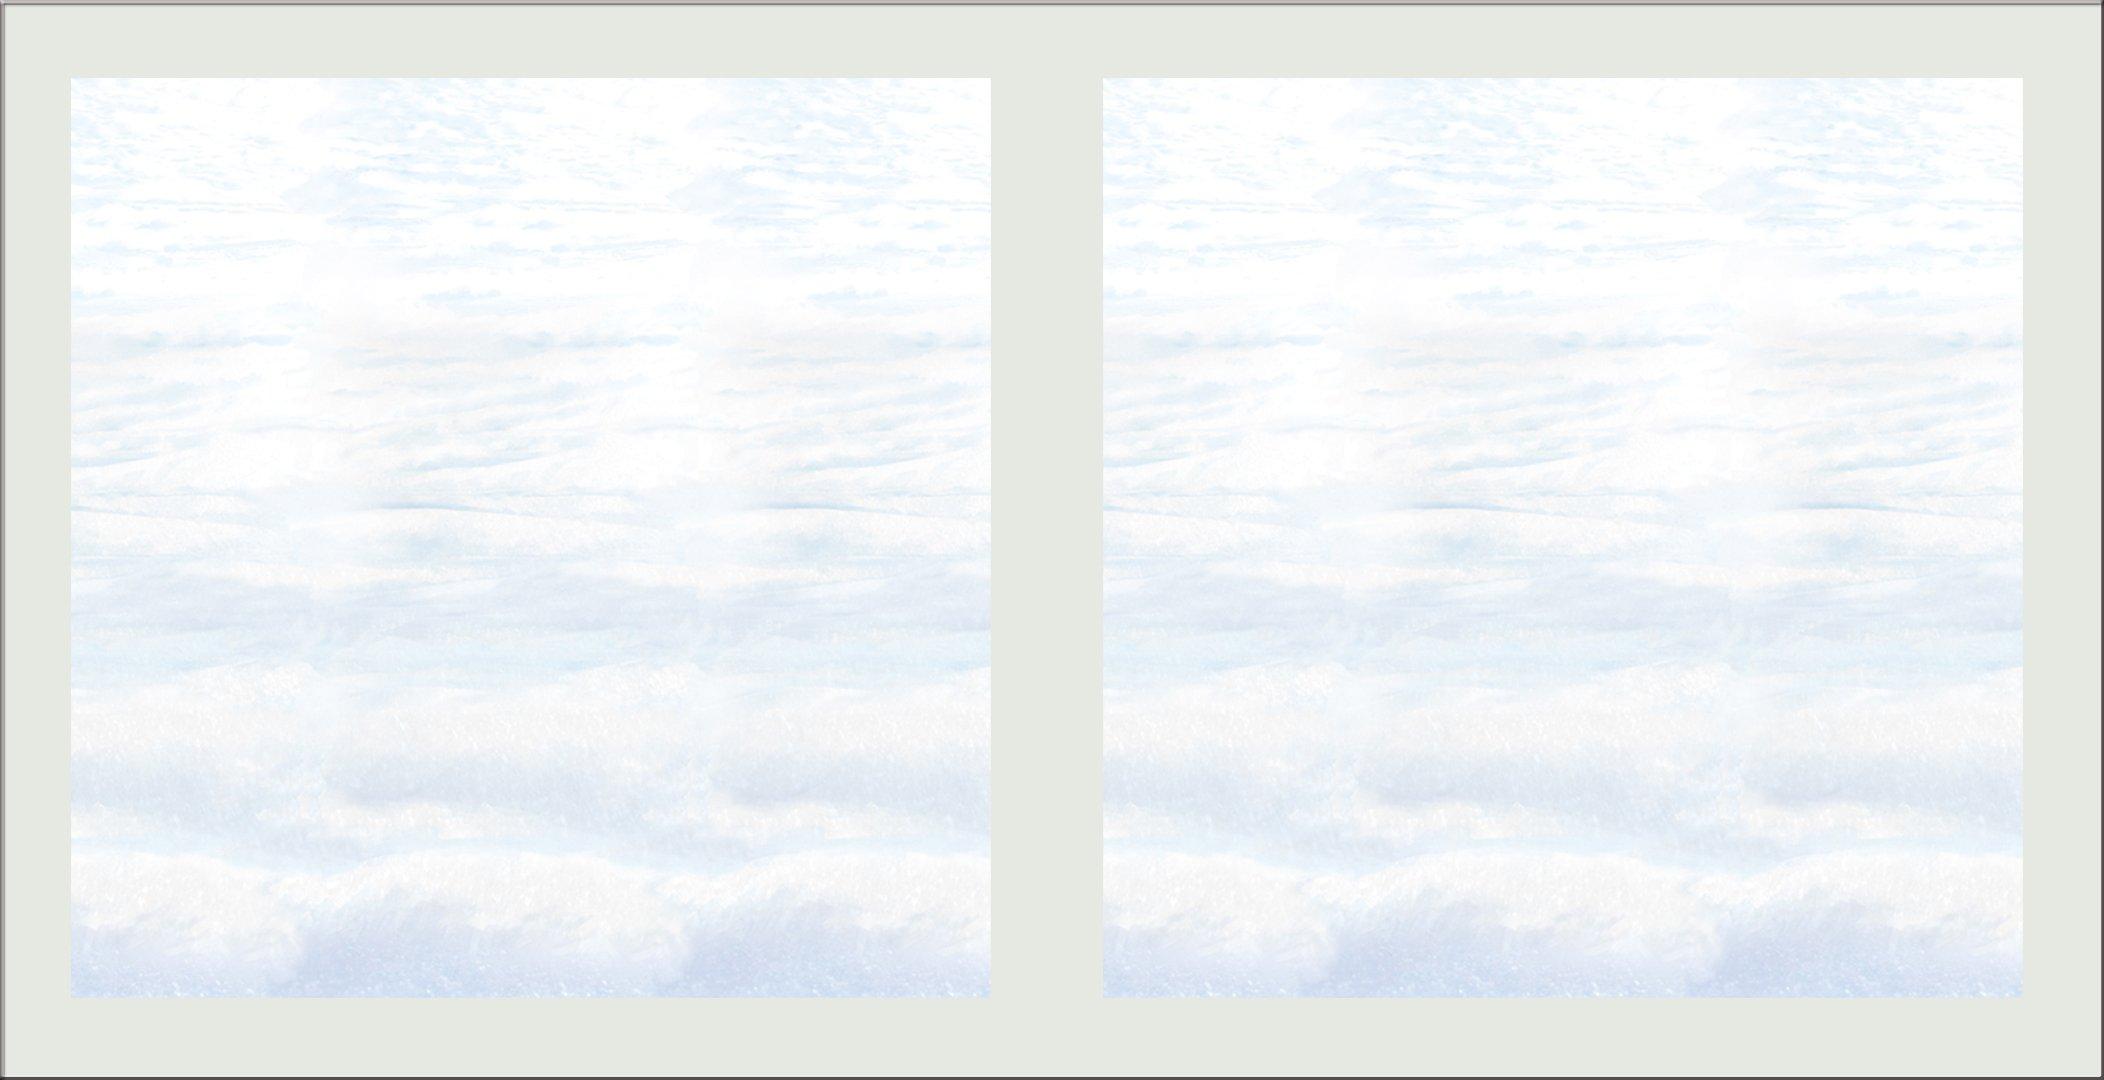 Beistle S20200AZ2, 2 Piece Snowscape Backdrops, 4' x 30'